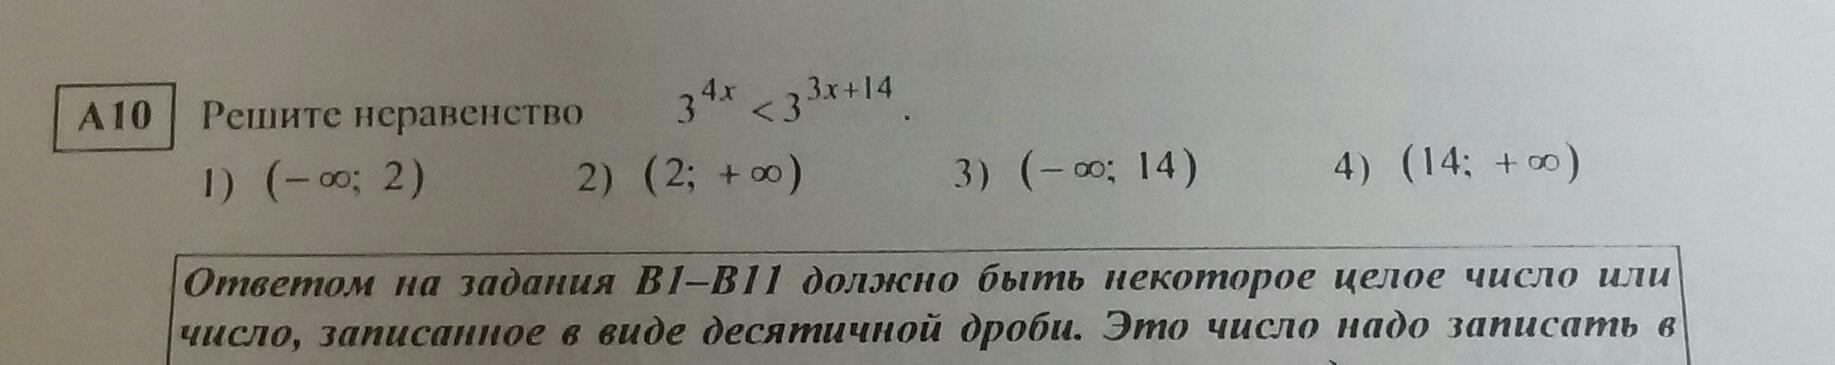 Решите неравенство 3^4x < 3^3x+14